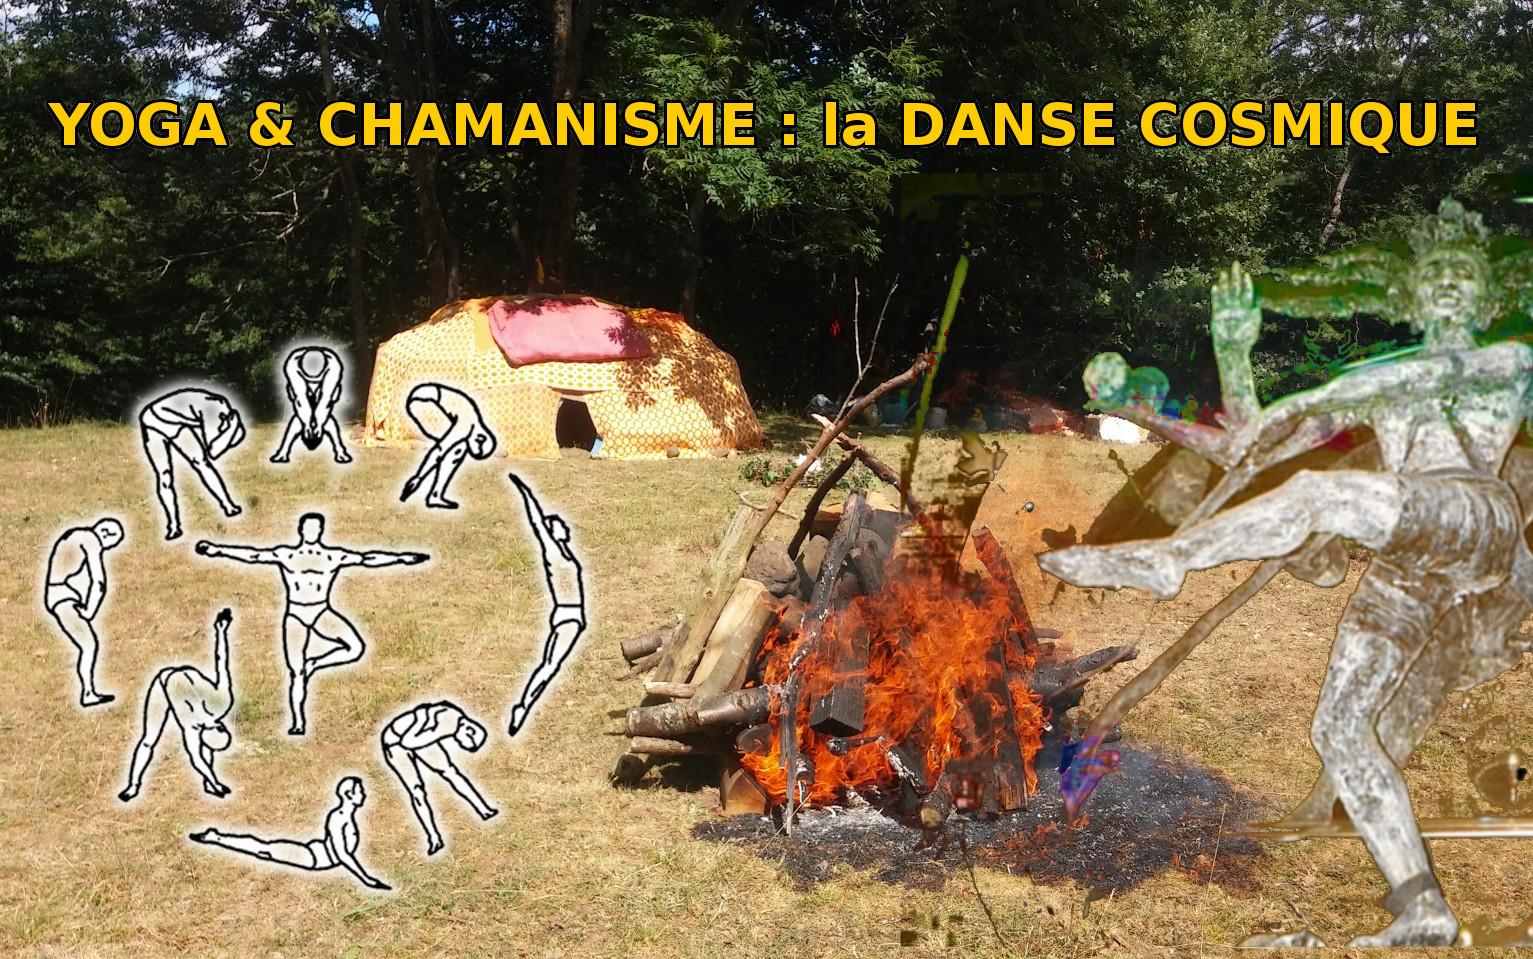 hutte yoga et chamanisme danse cosmique